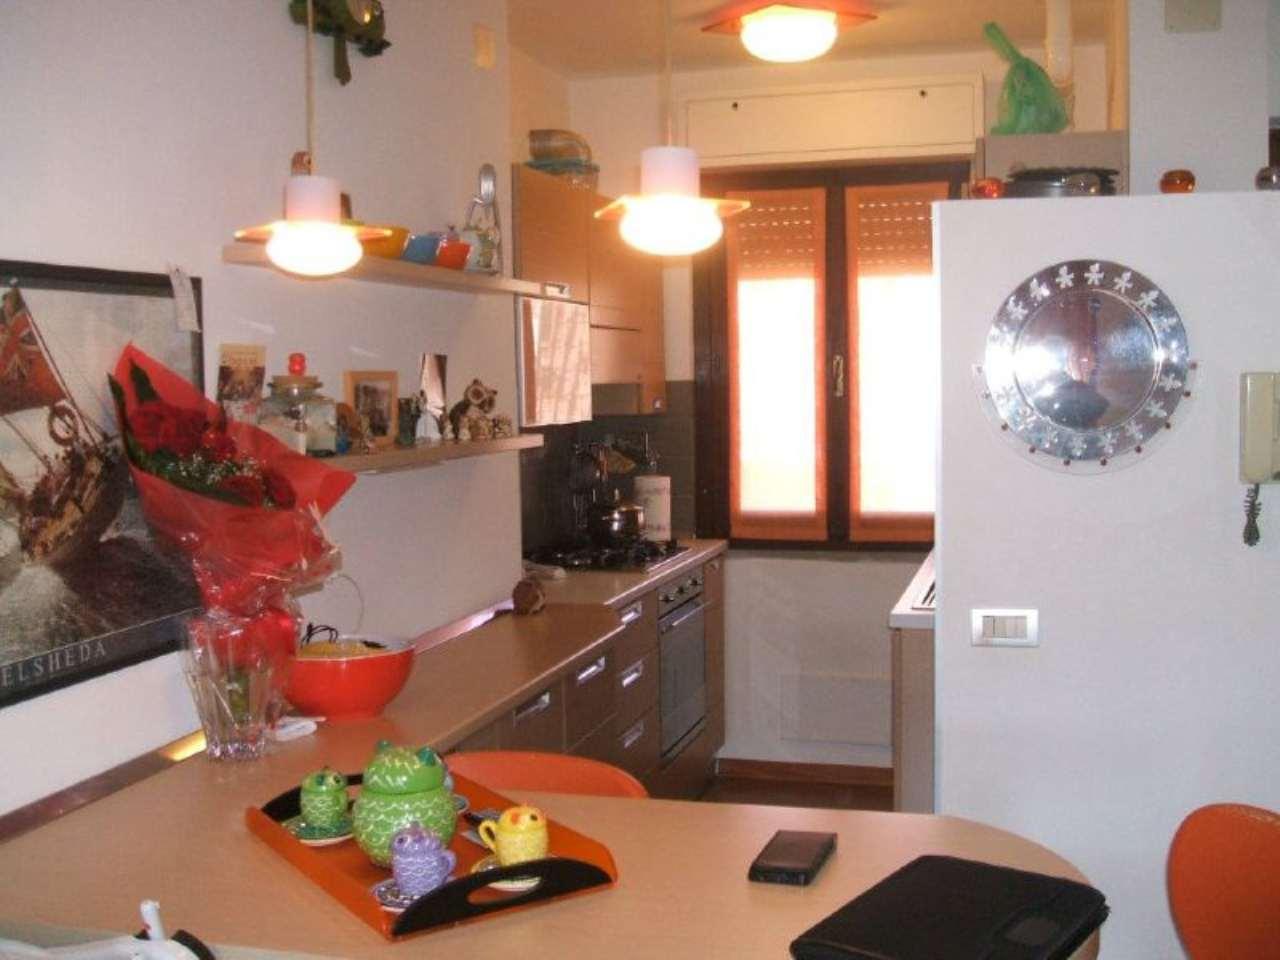 Albinia- Appartamento al 3 piano con 2 camere, bagno, cantina garage. Rif. 756/A